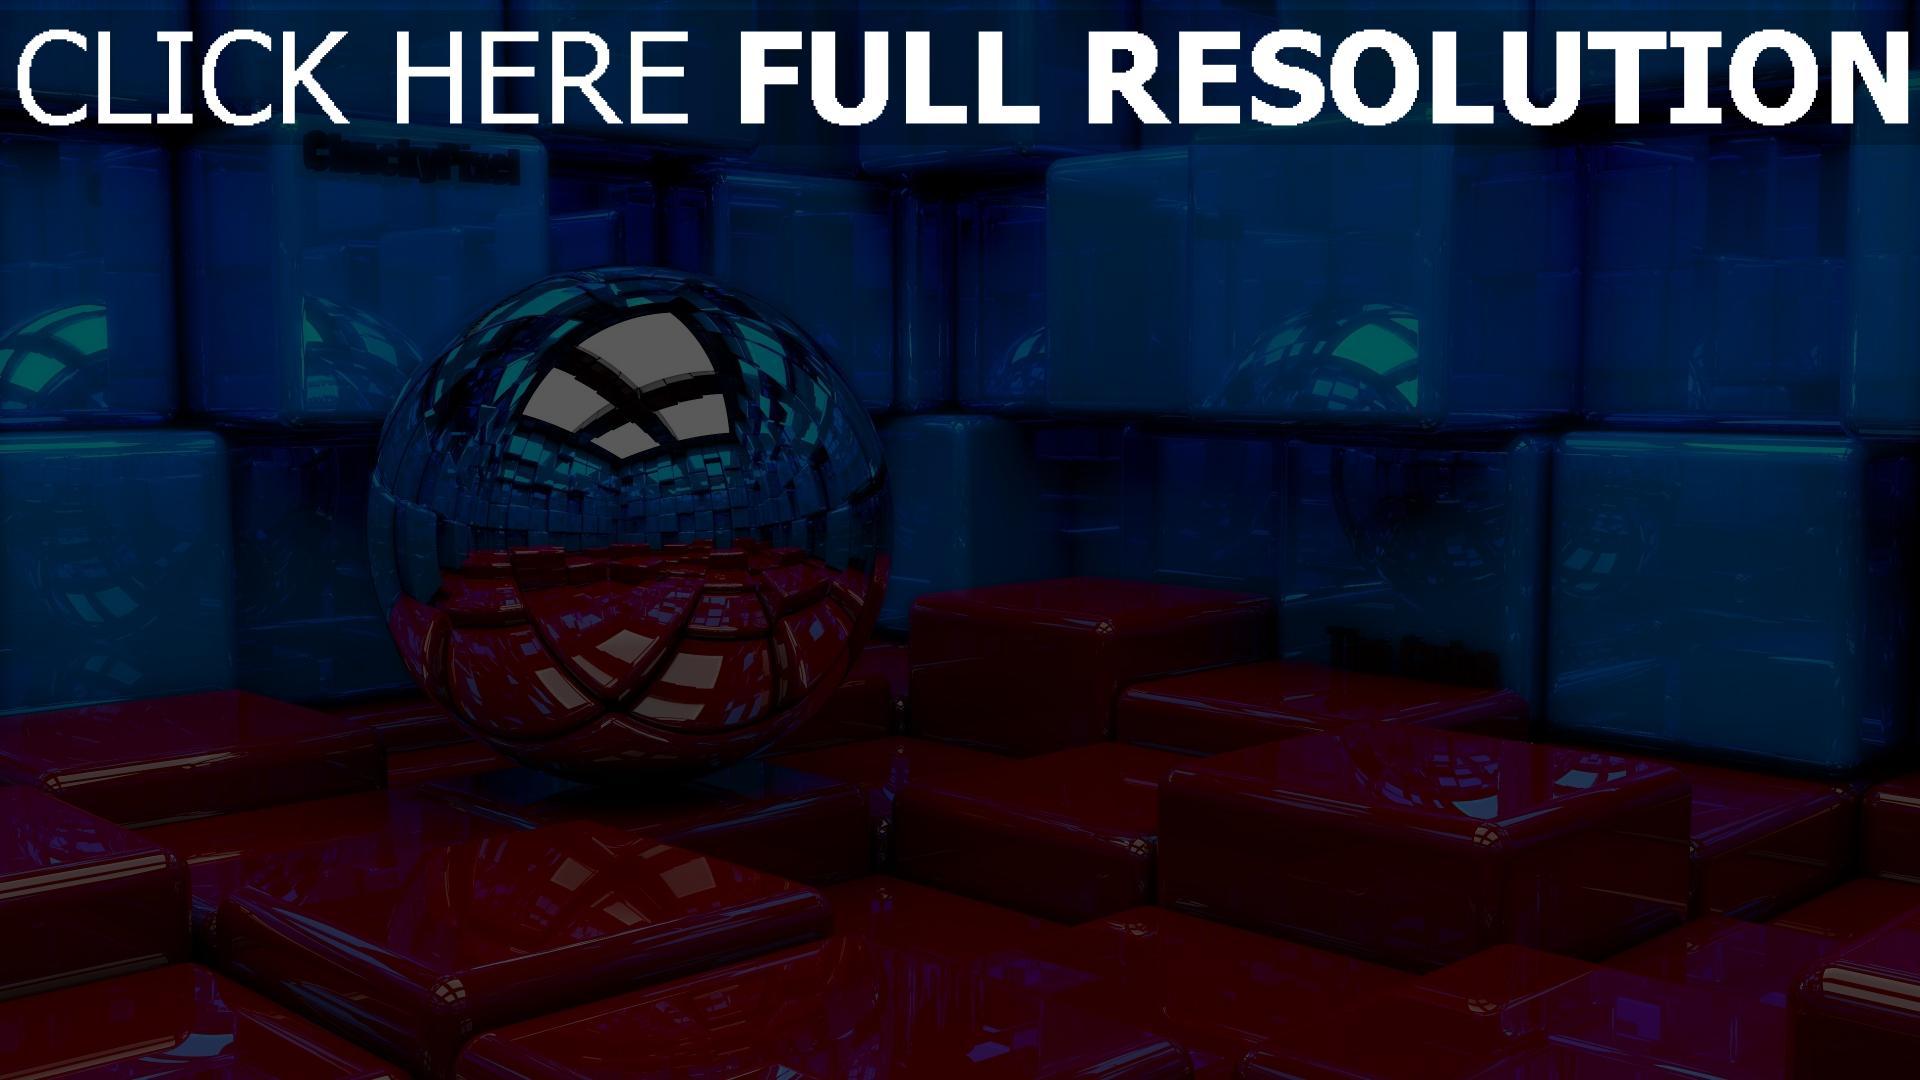 fond d'écran 1920x1080 cube sphère réflexion surface brillante